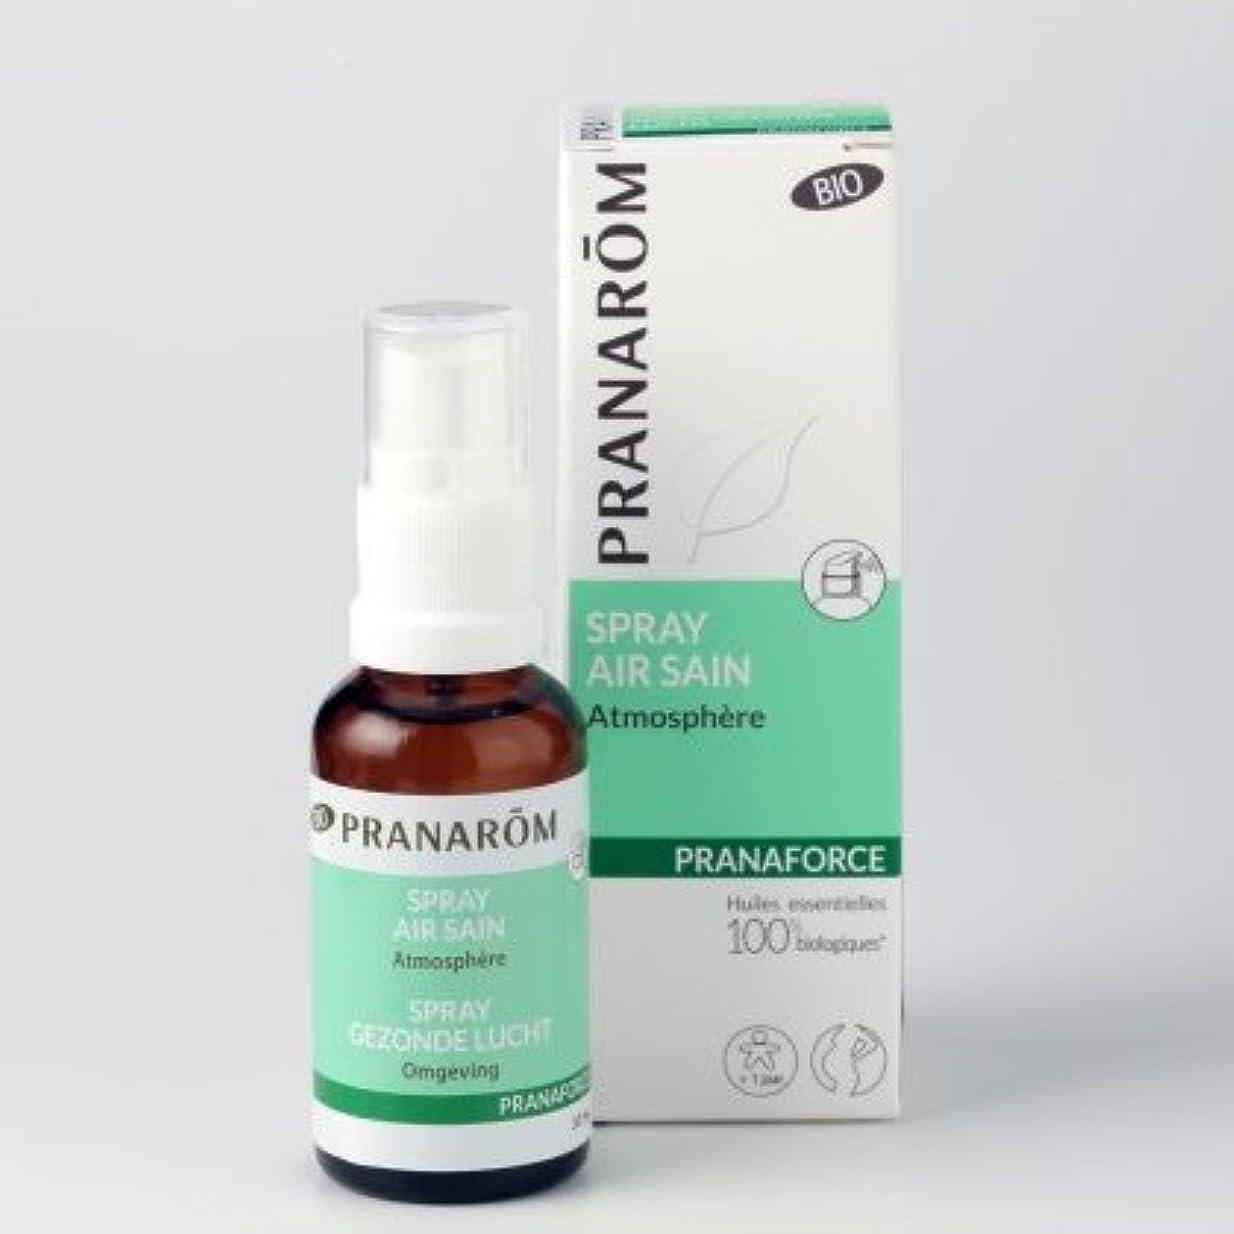 腫瘍リマ縁石メディカルアロマのプラナロムが作った芳香剤 プラナフォーススプレー